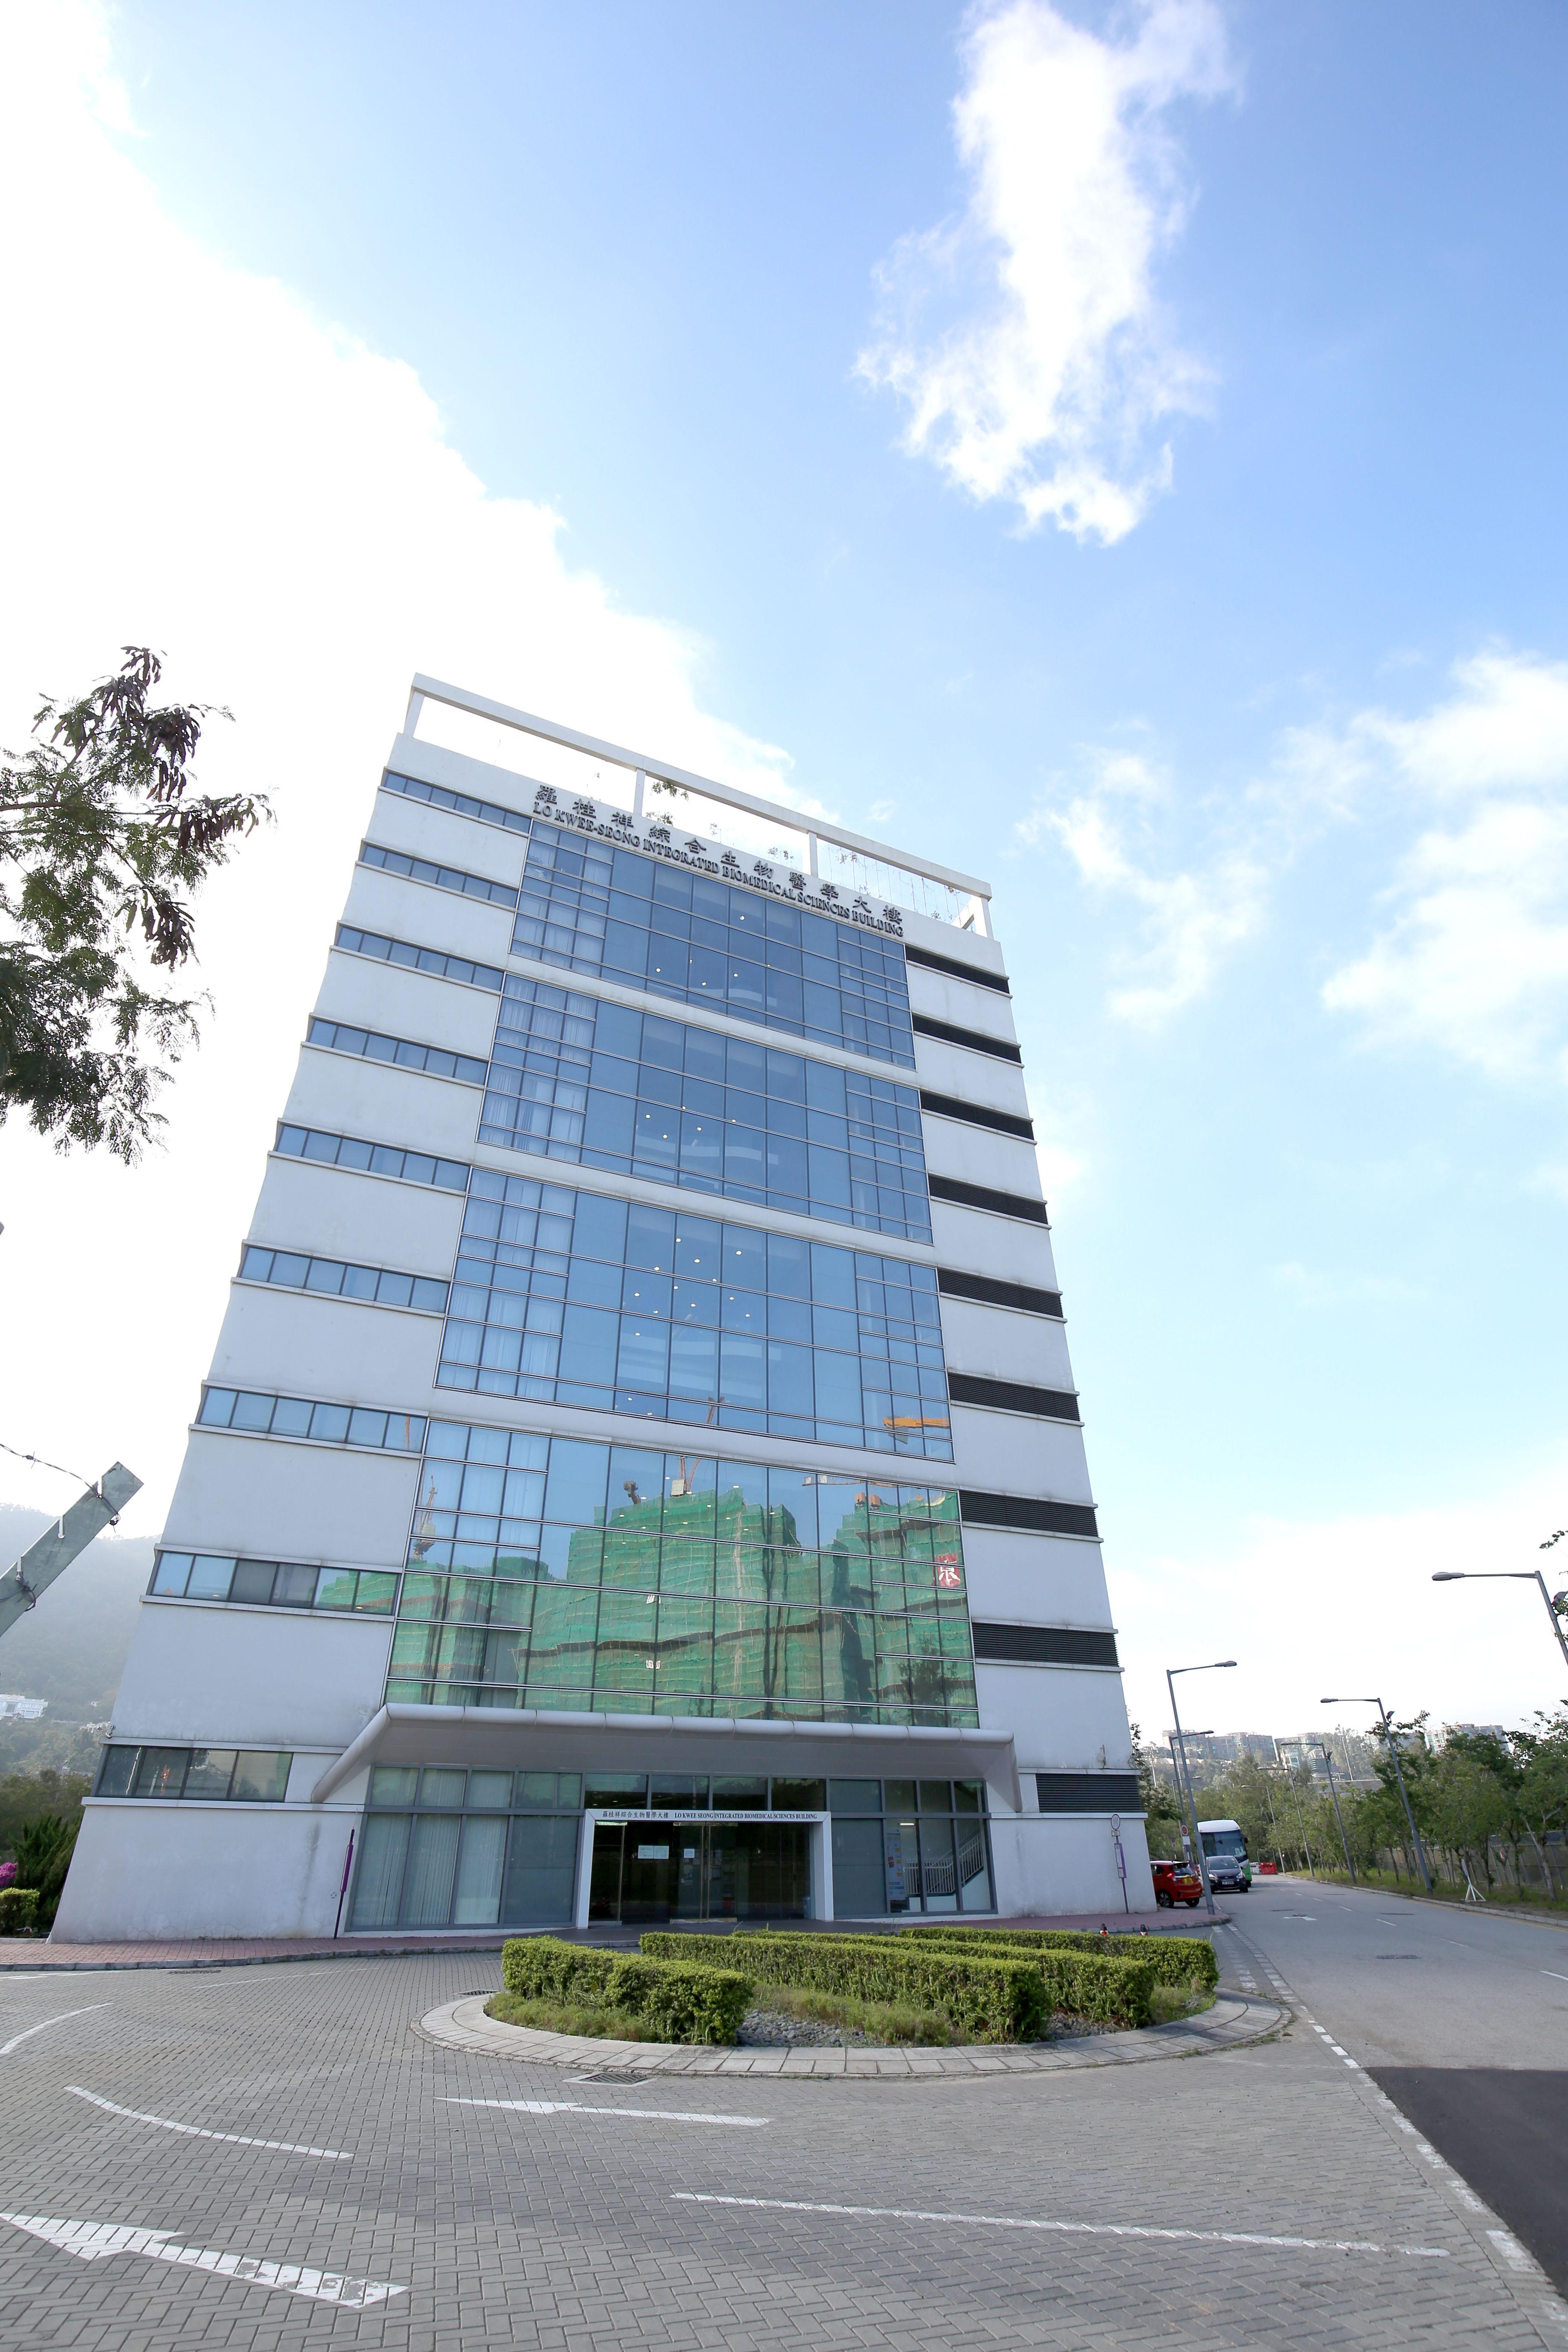 CUHK SBS Lo Kwee-Seong Building